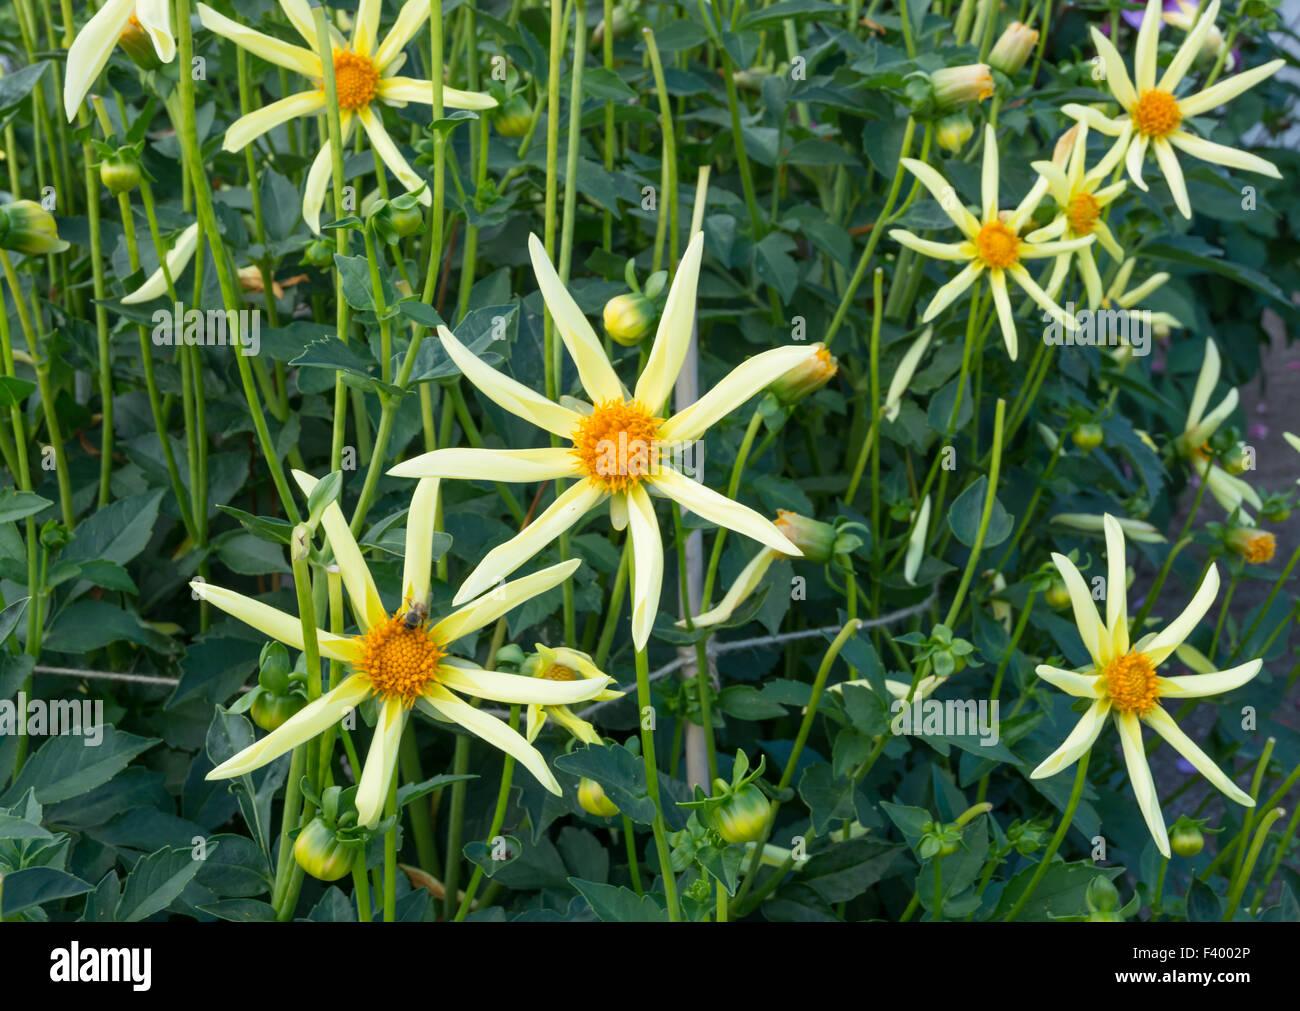 Yellow Star Like Dahlia Flowers Stock Photo 88510542 Alamy